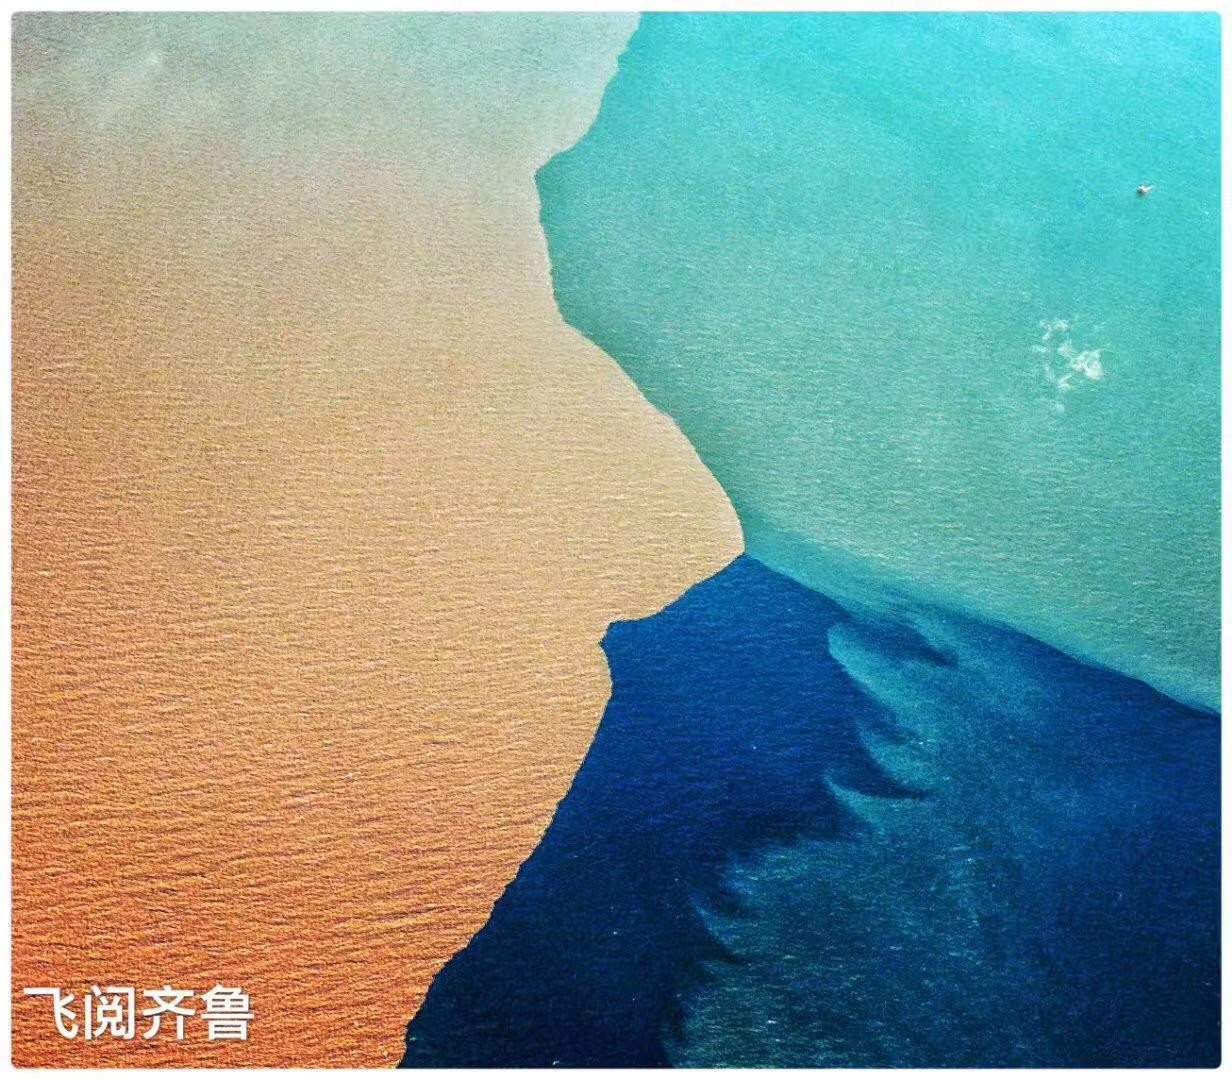 《飞阅齐鲁》编导贾海宁:年轻又神奇的黄河三角洲上成长起两座活力之城